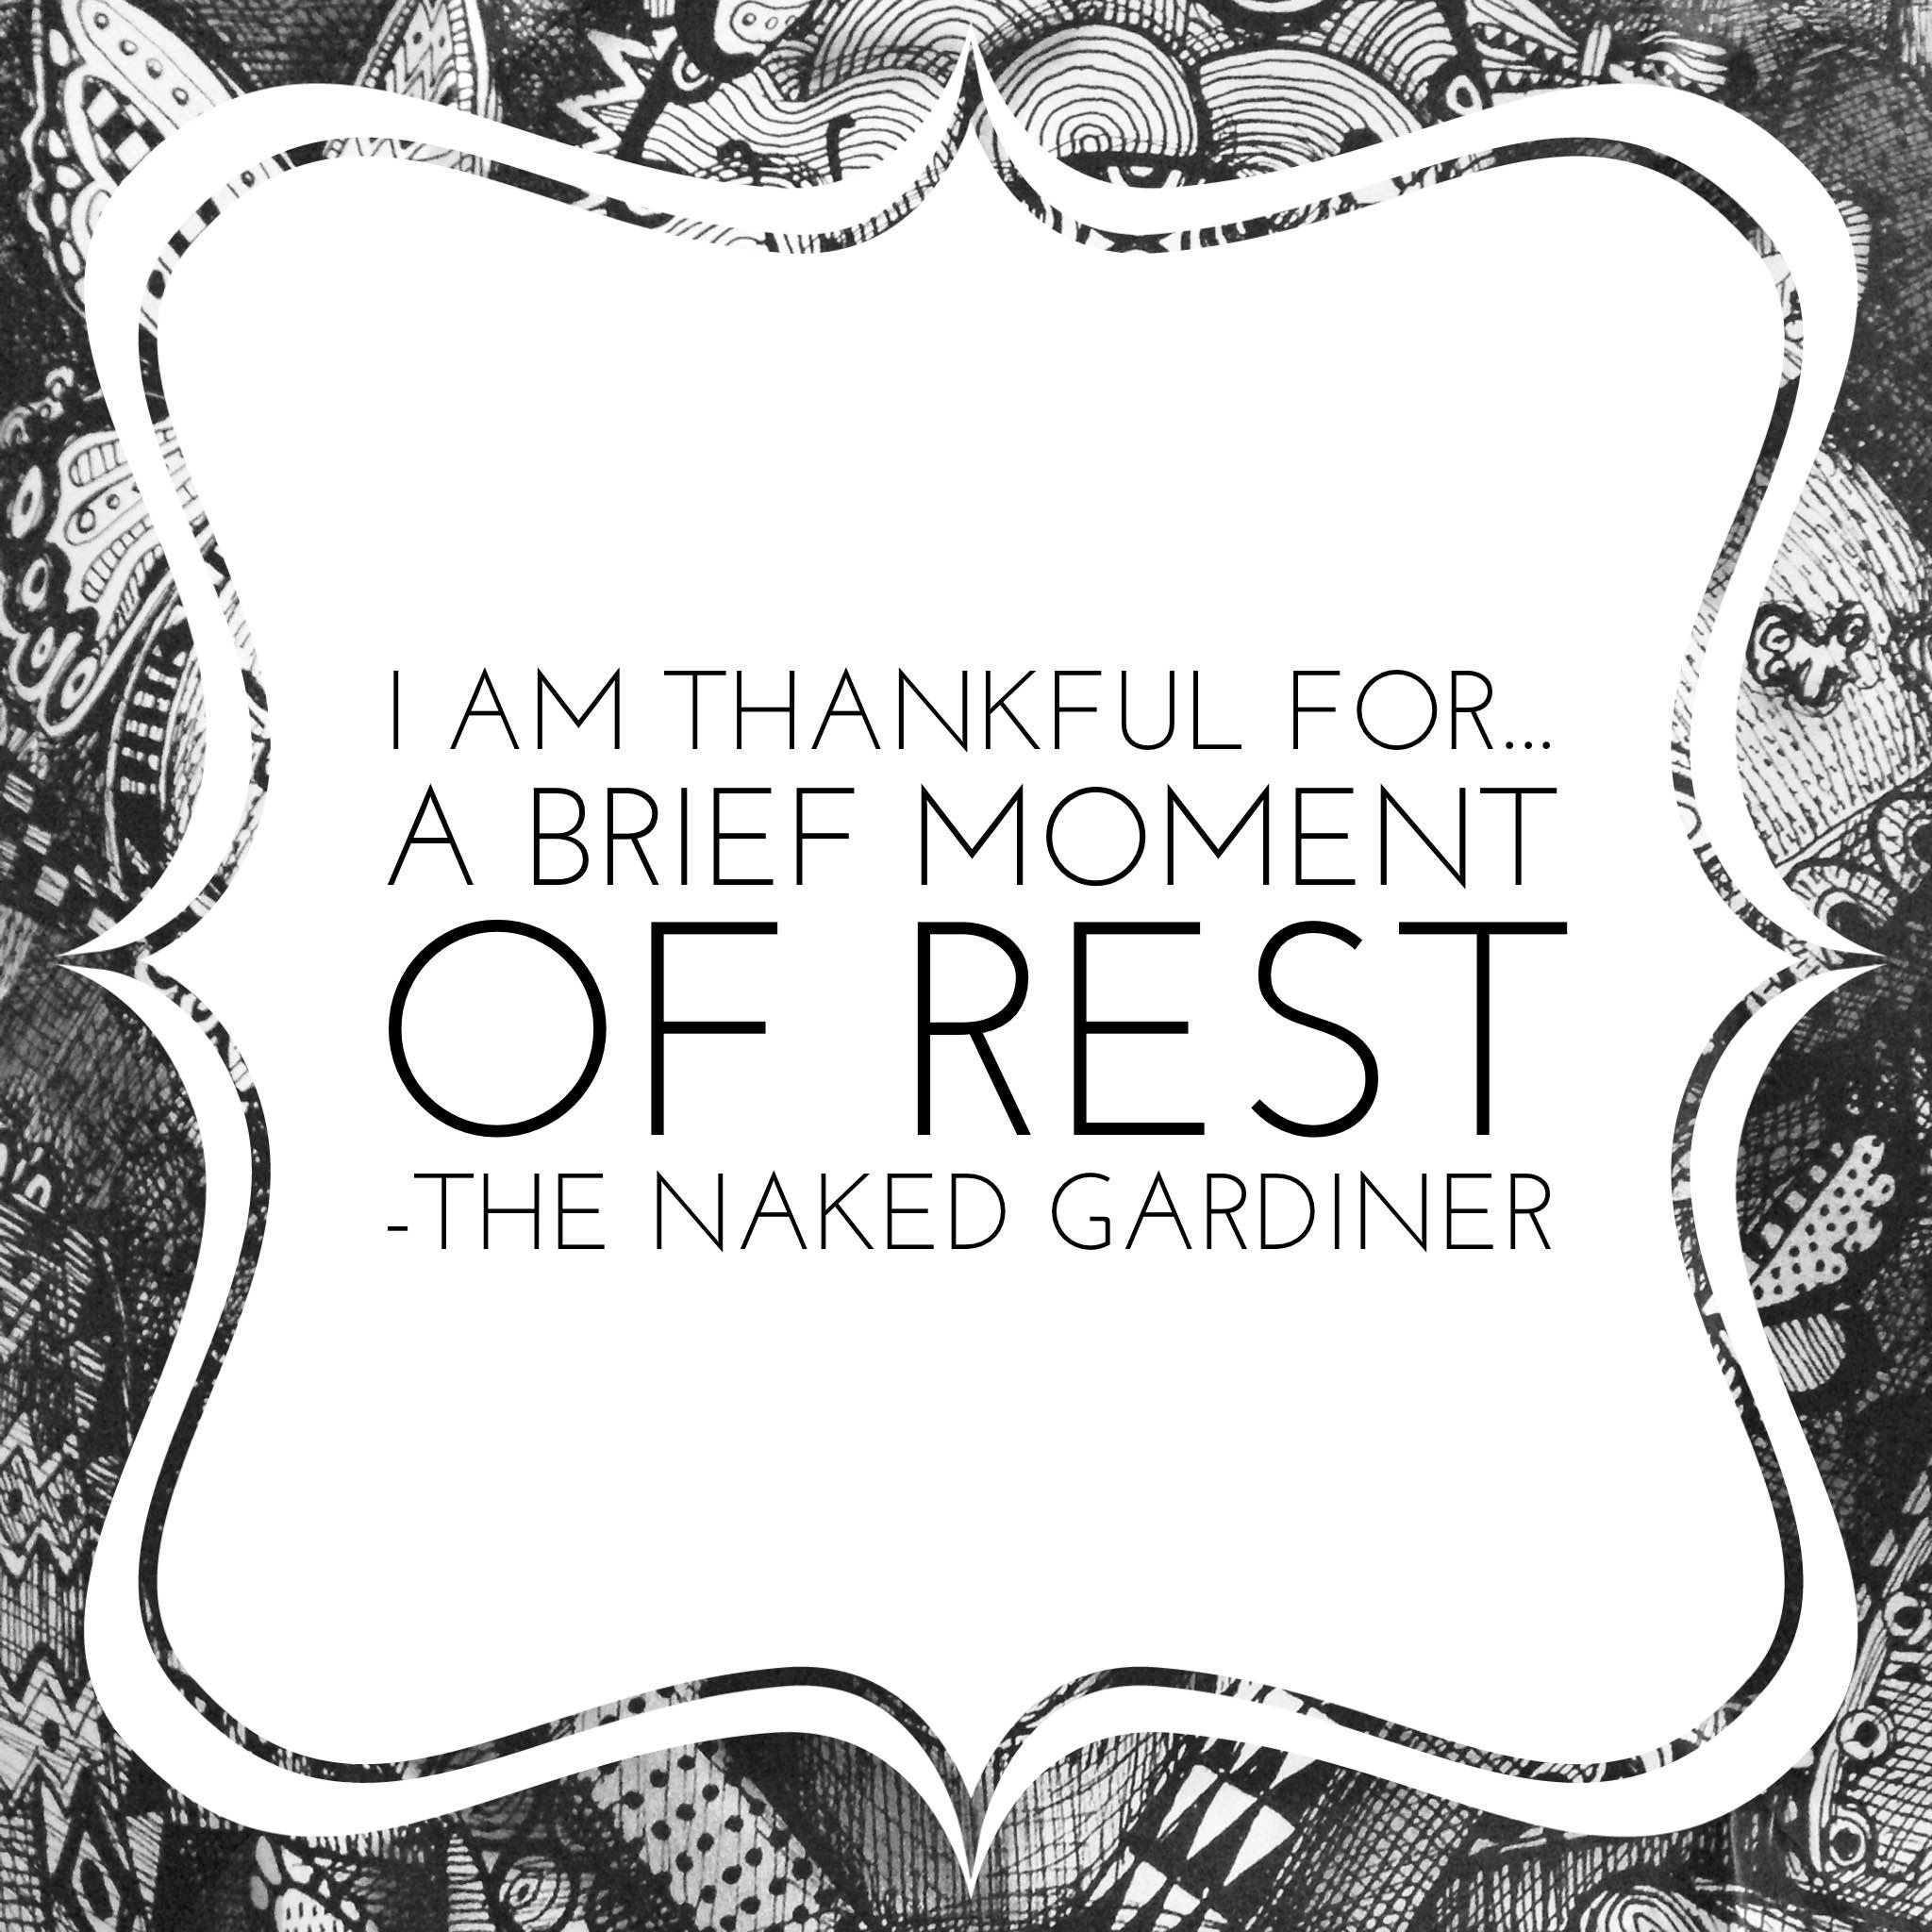 thankful-thursdays-brief-moment-of-rest-thenakedgardiner